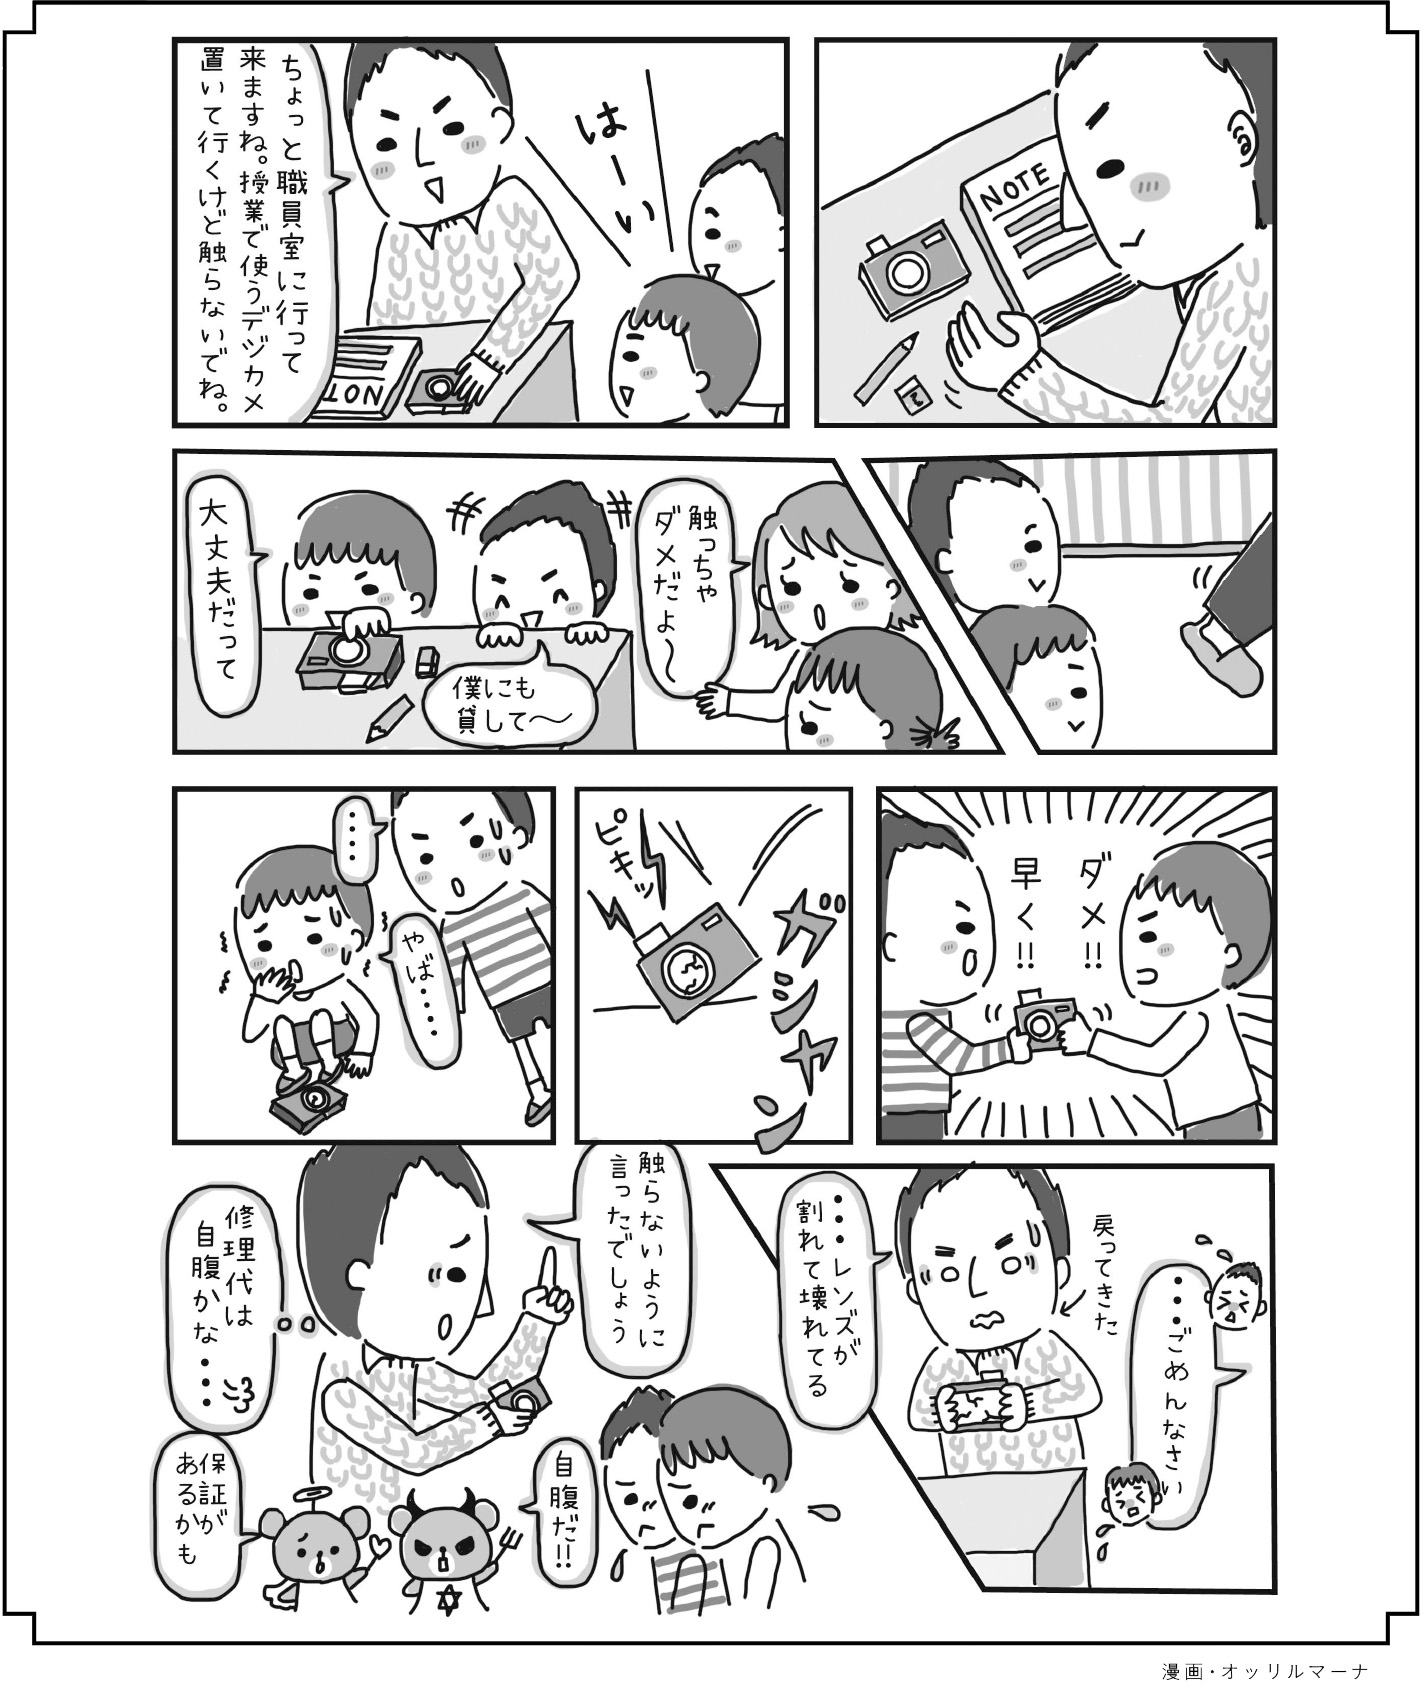 教師のための法律相談 〜児童生徒による私物の物損~   時事 ...